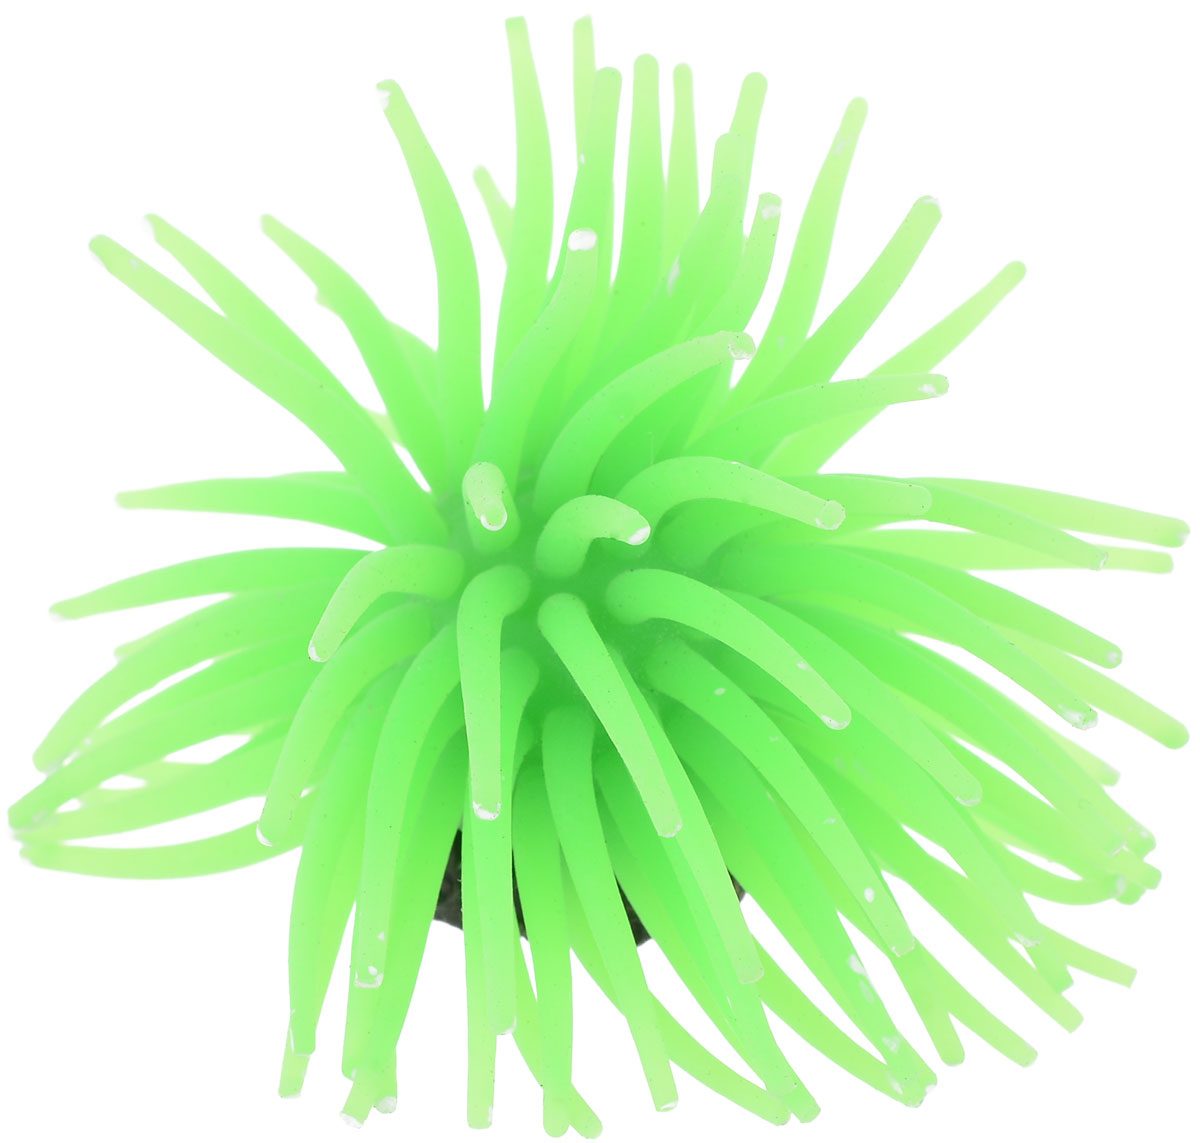 Коралл для аквариума Уют Разноцветные щупальца, силиконовый, цвет: зеленый, 8 х 8 х 7 см подстаканник сергей 11 8 х 7 8 х 7 3 см 2494361